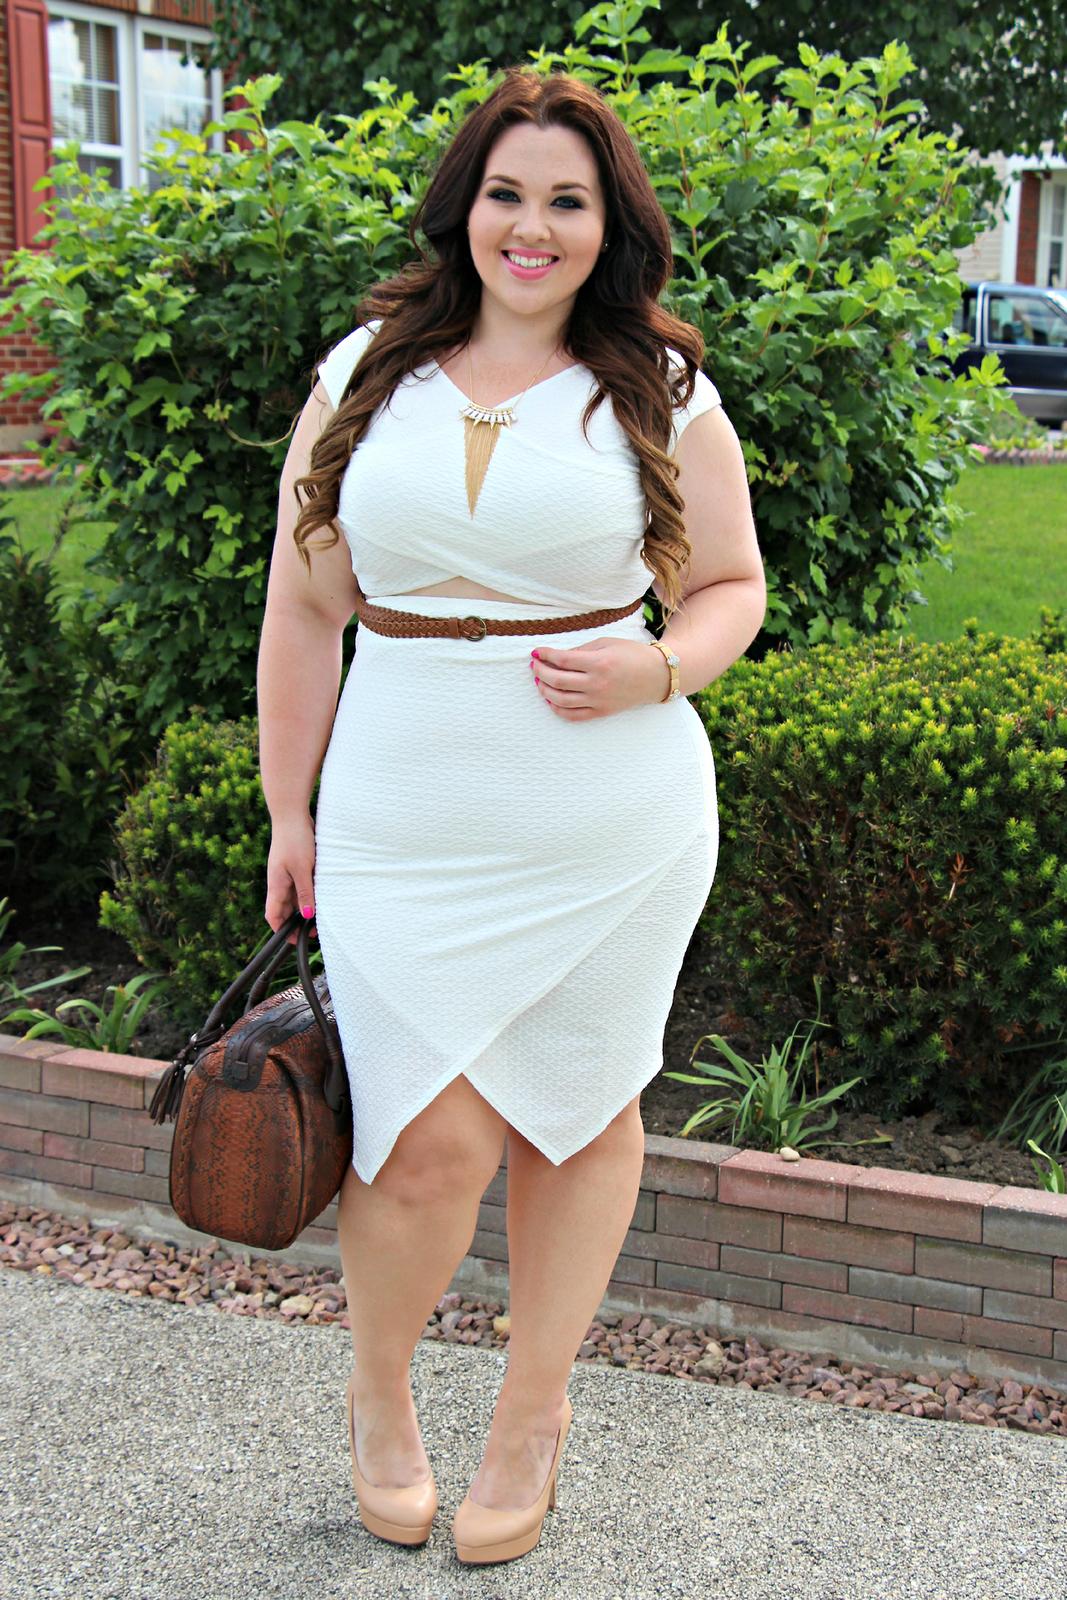 Толстушки в обтягивающих юбках 16 фотография